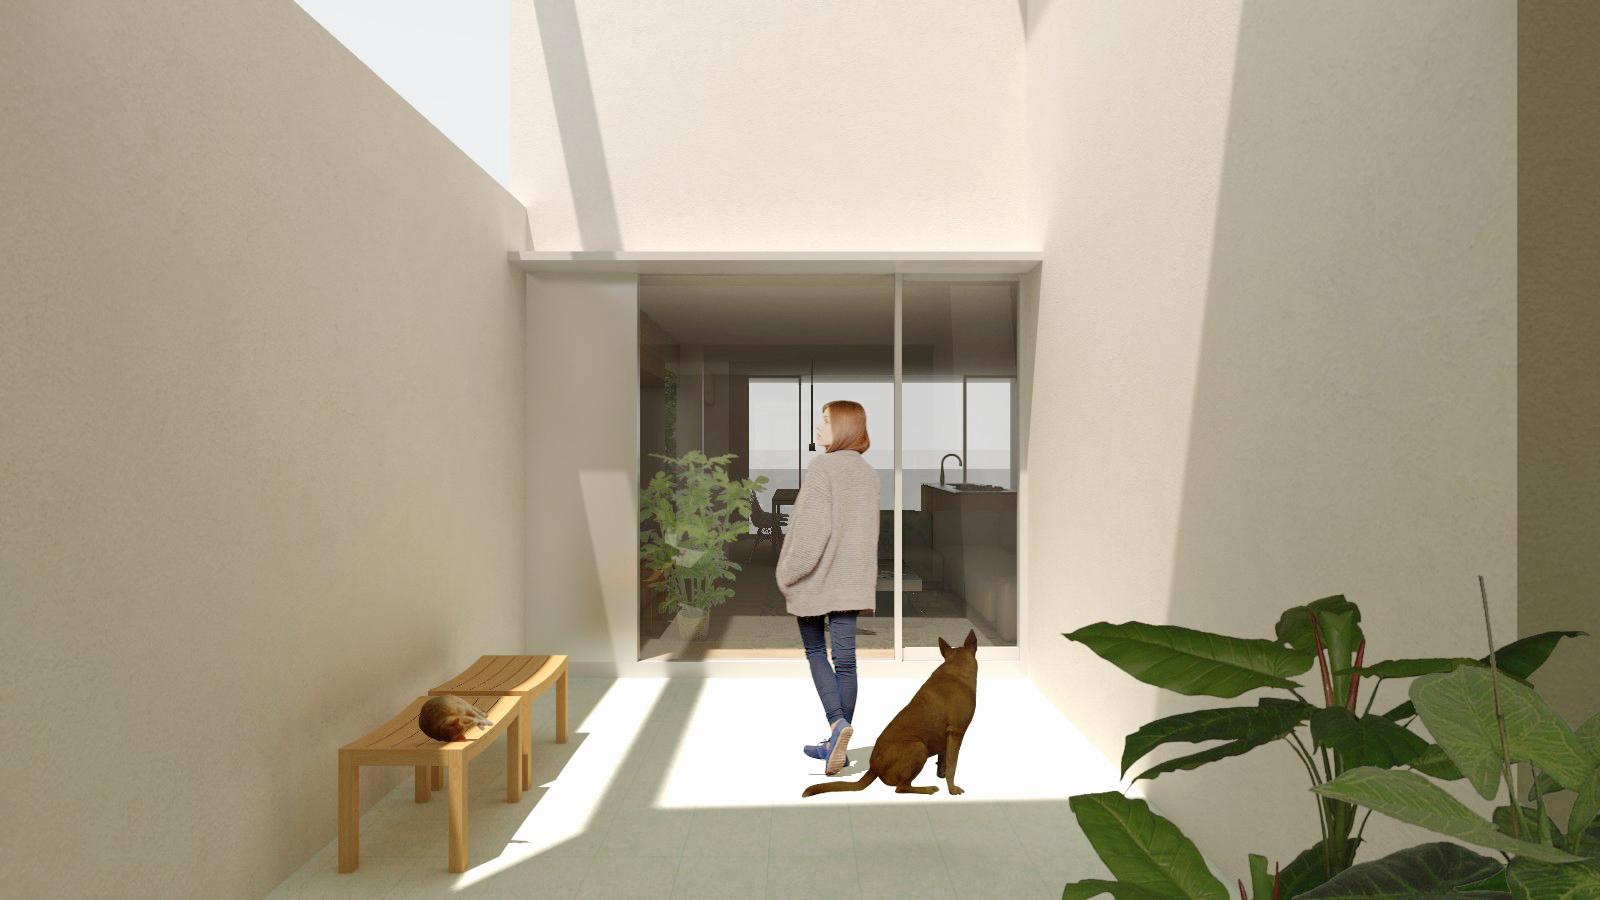 甲子園の家|大阪の建築設計事務所|一級建築士事務所エヌアールエム